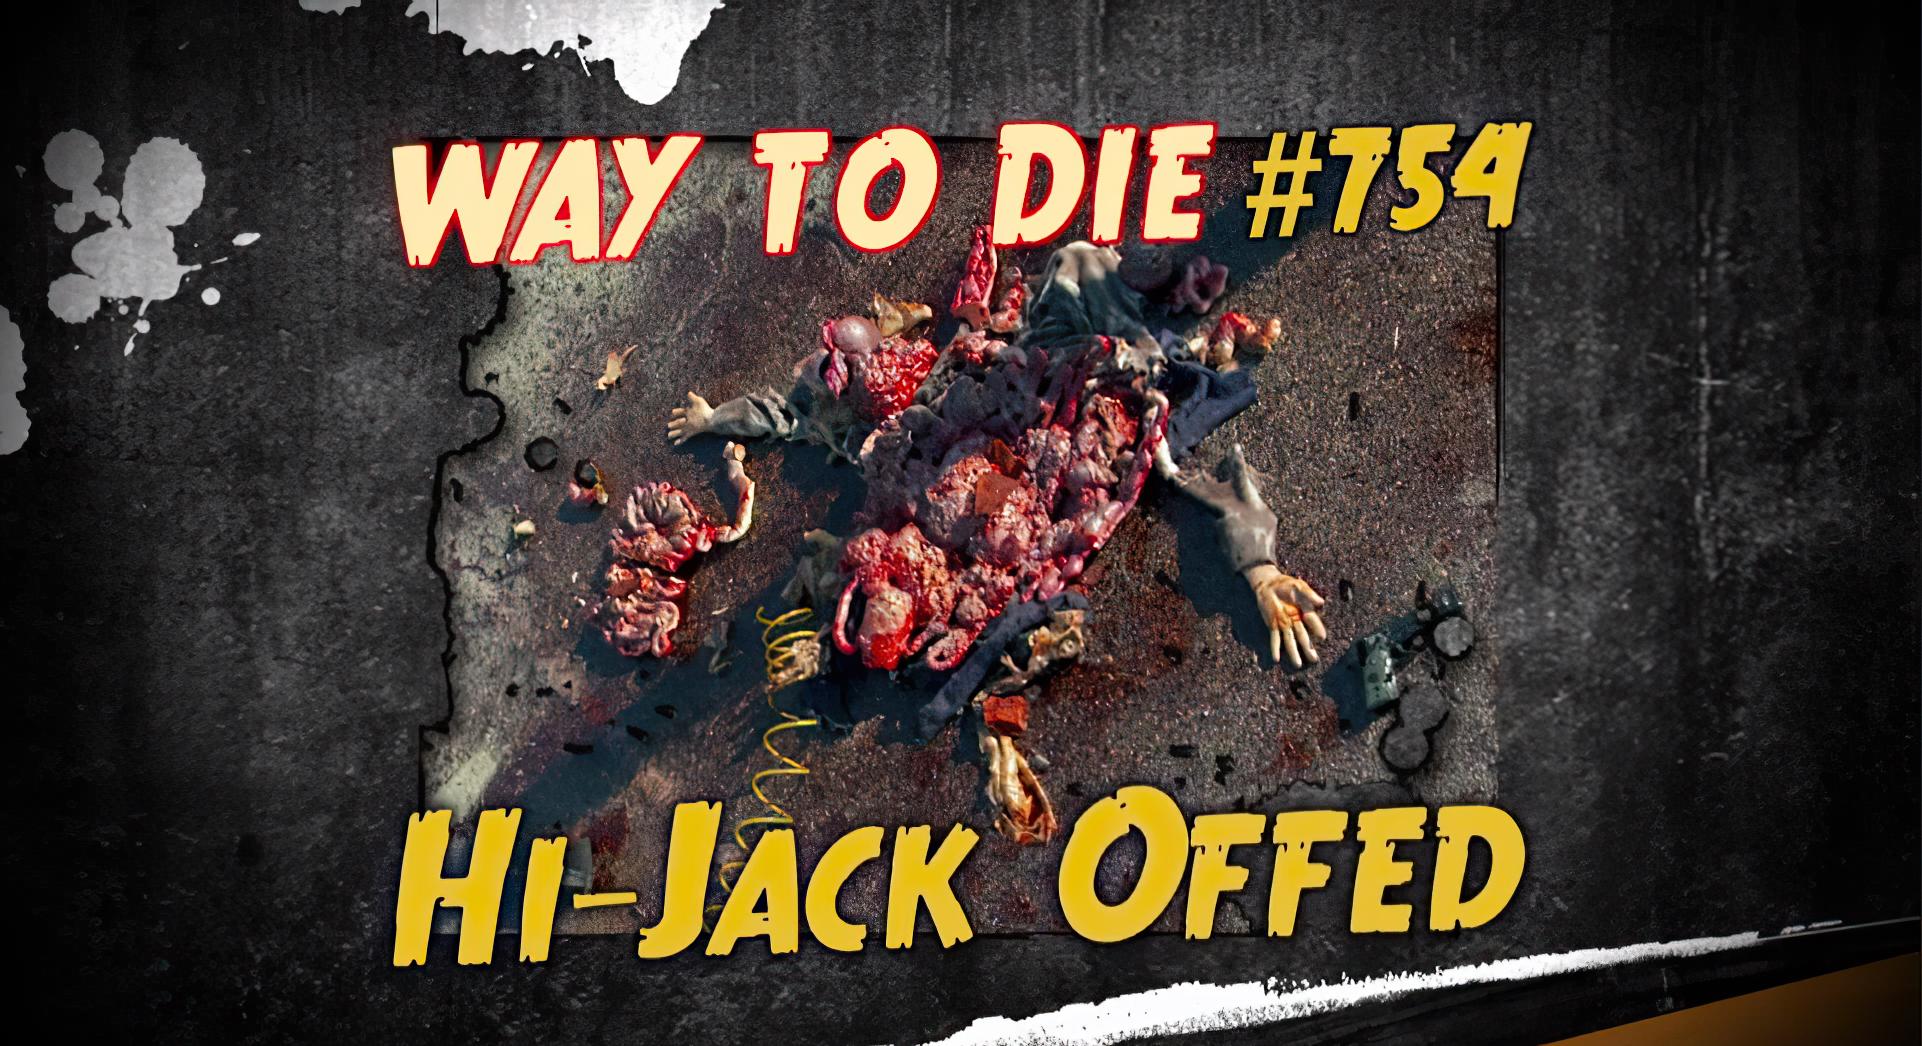 Hi-Jack Offed